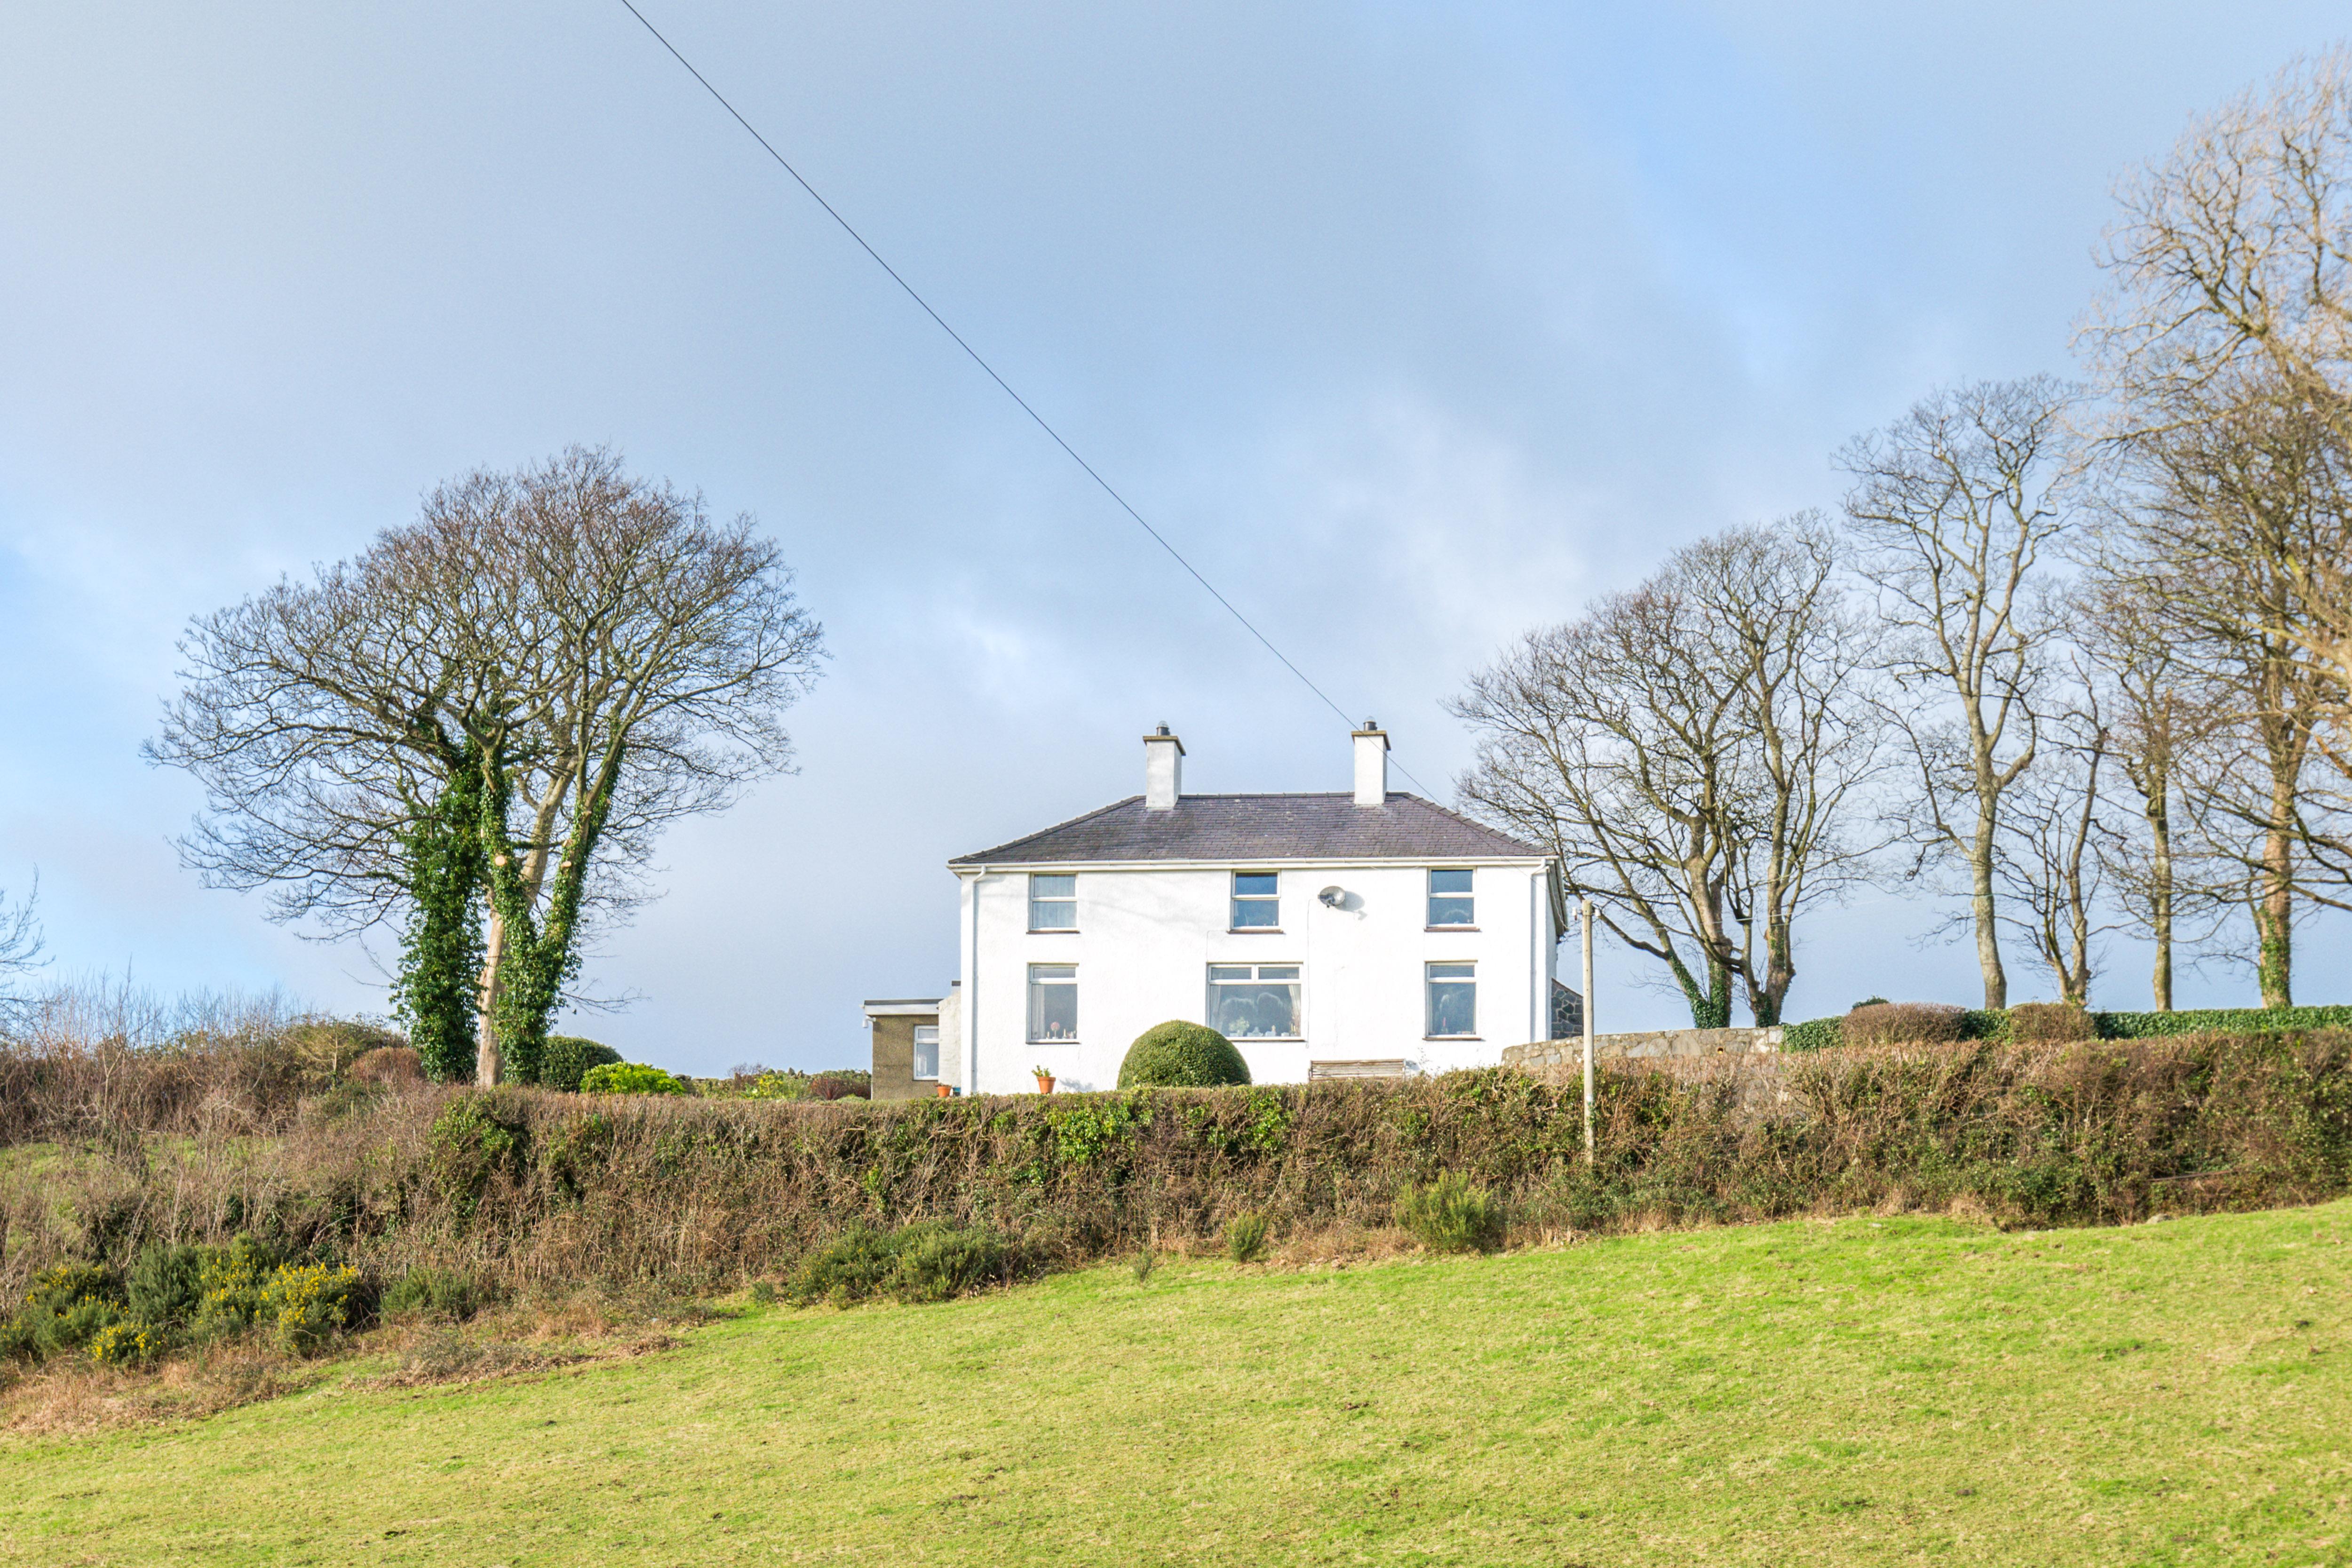 Pant Road, Caernarfon